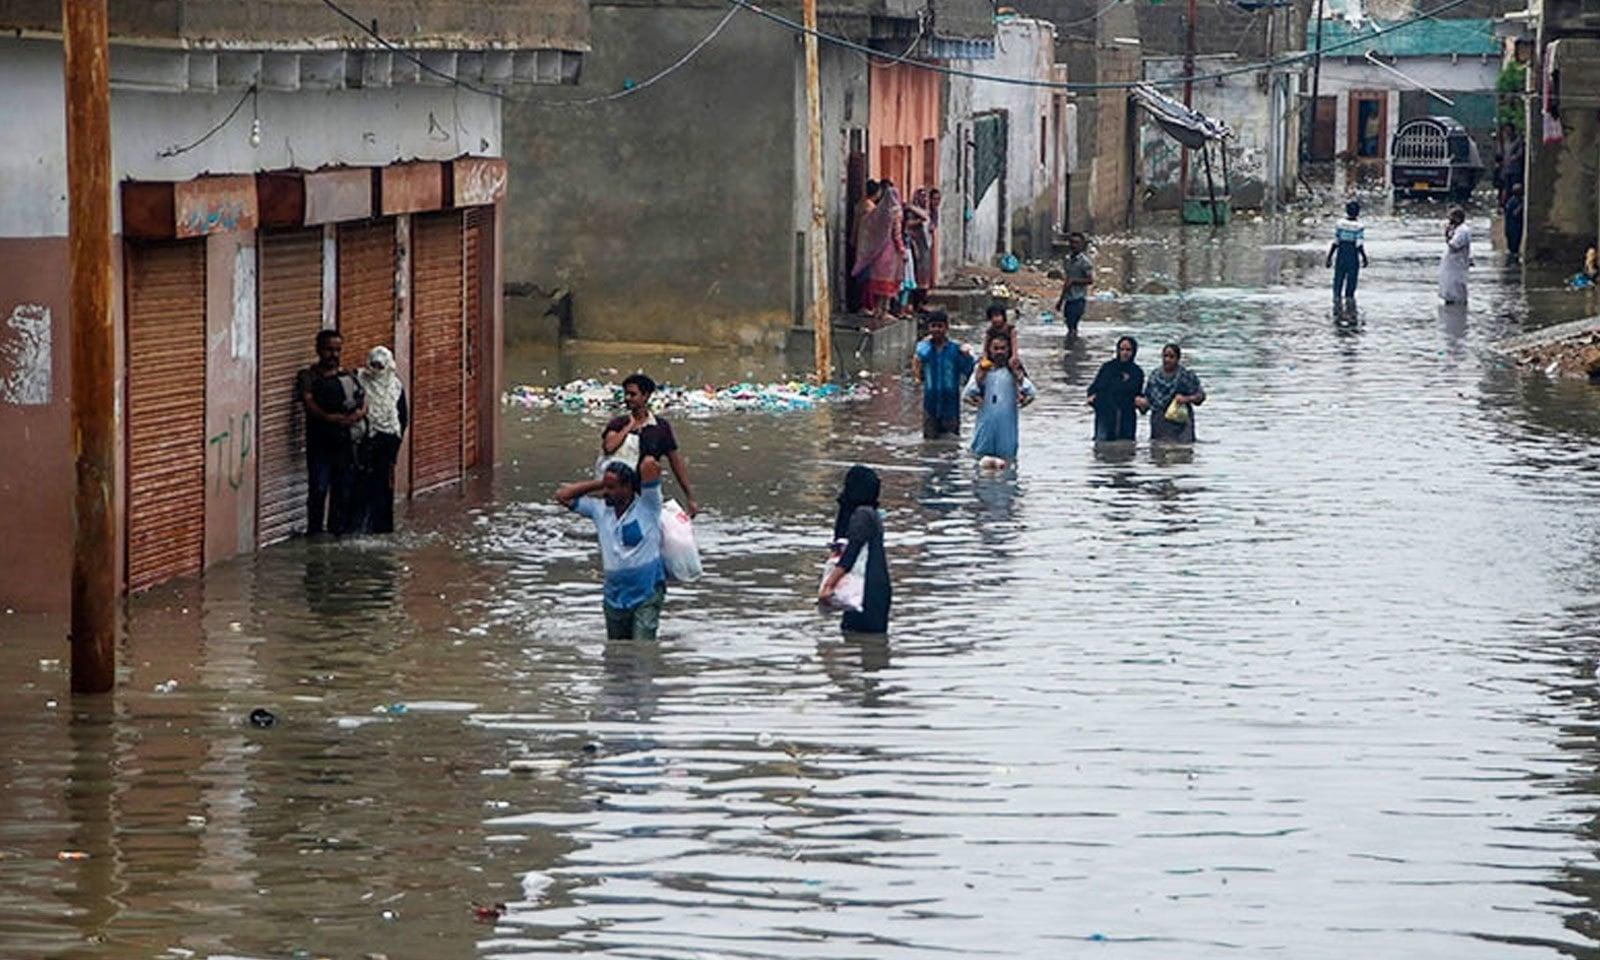 کئی علاقوں میں گھر، مساجد اور مارکیٹیں بھی زیر آب آگئیں—فوٹو: اے ایف پی